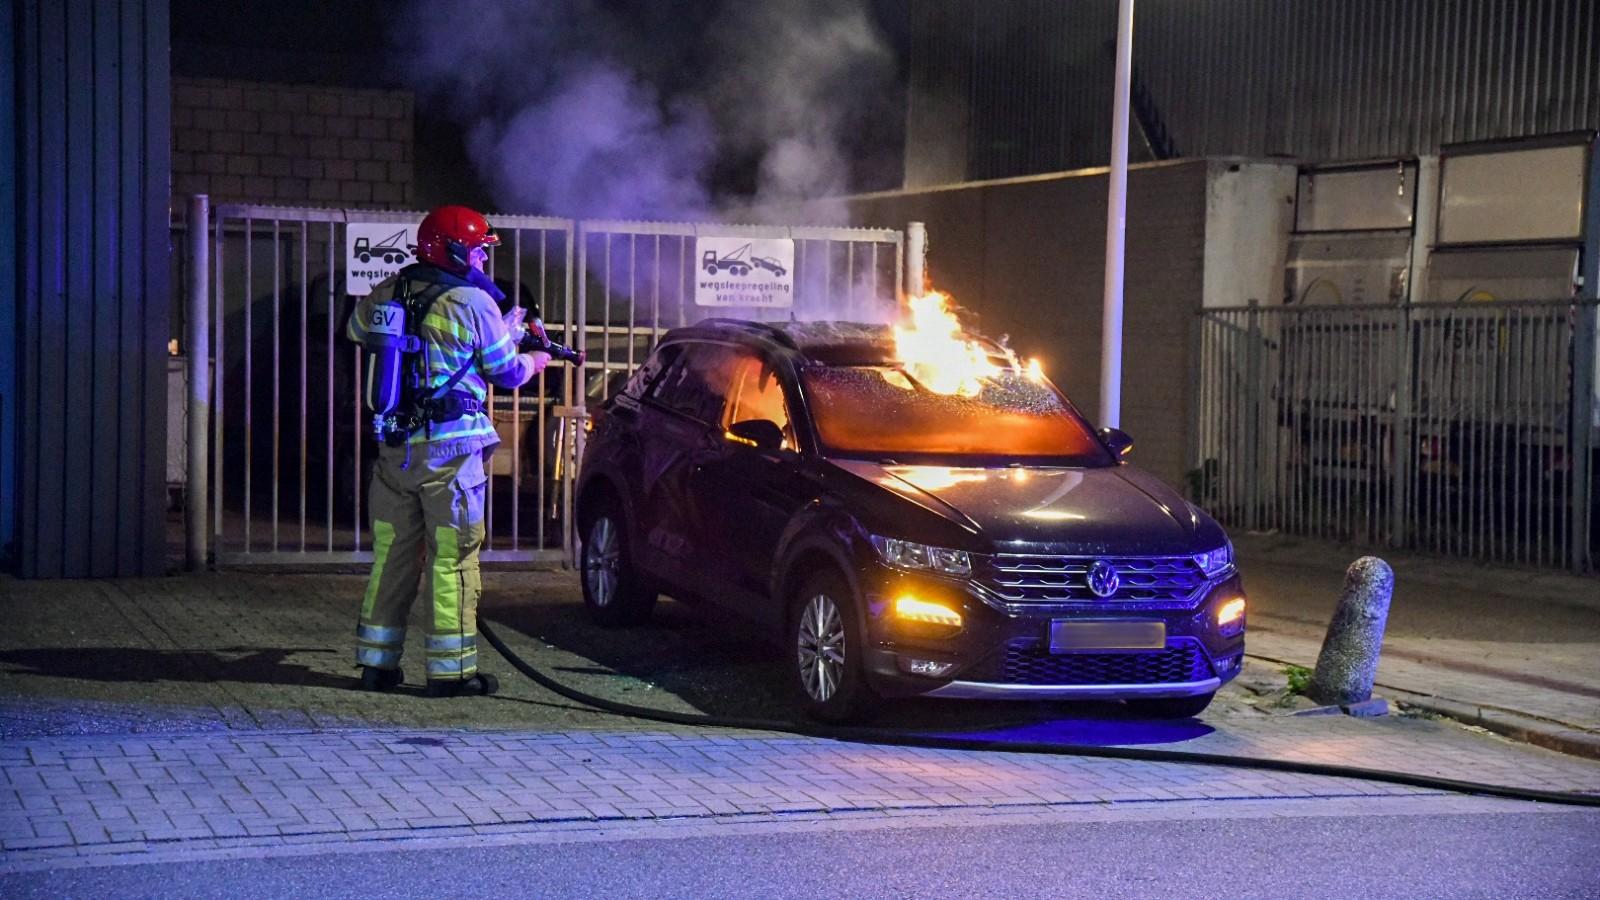 Flesje brandstof gevonden naast uitgebrande auto in Hilversum